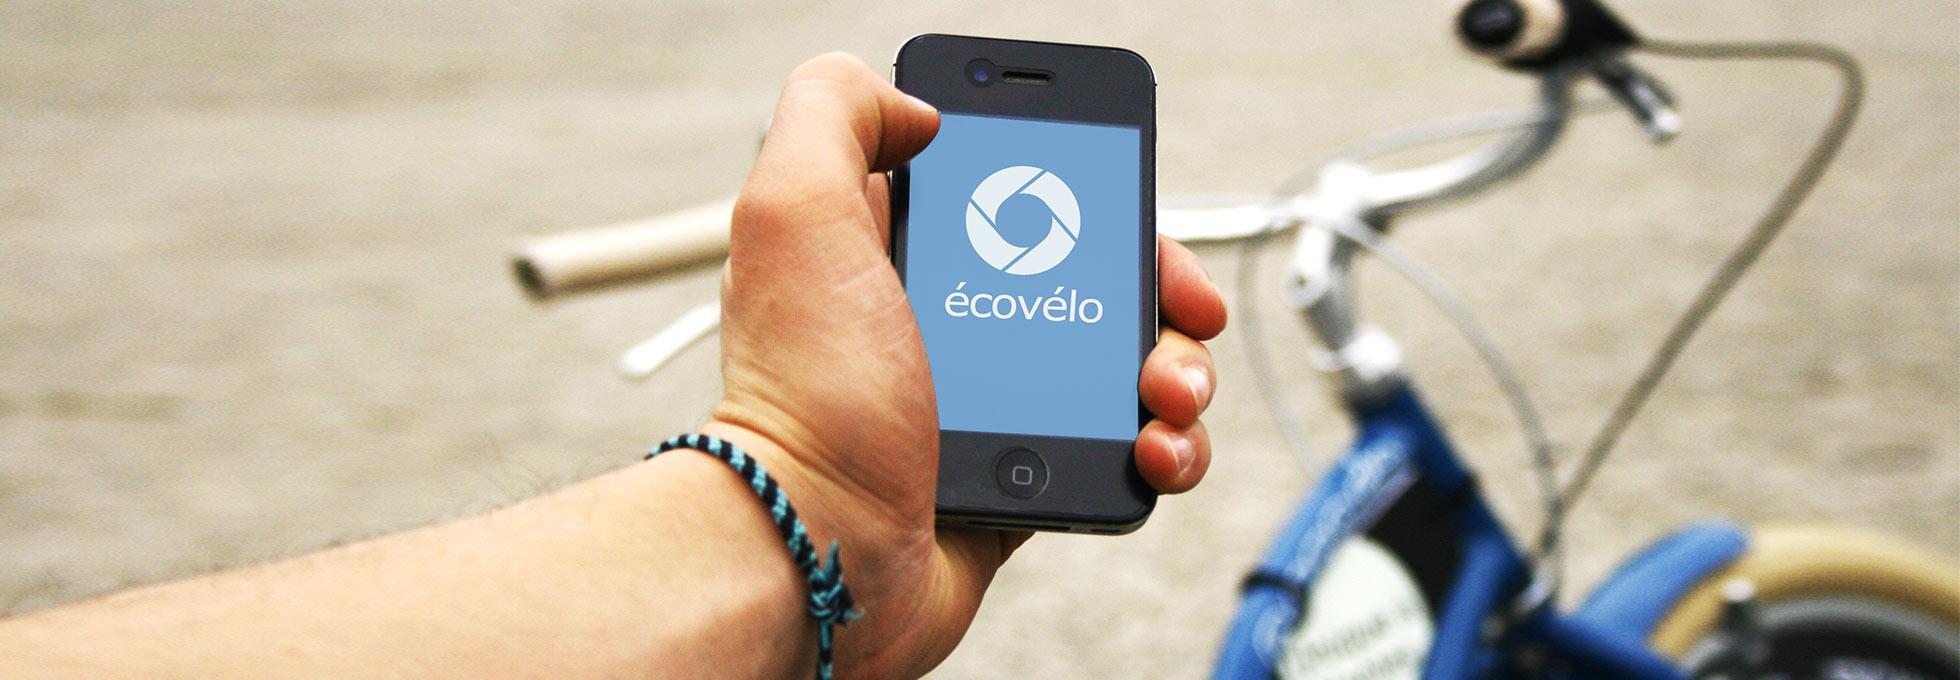 La start-up Écovélo fait le bilan de son arrivée à Bordeaux